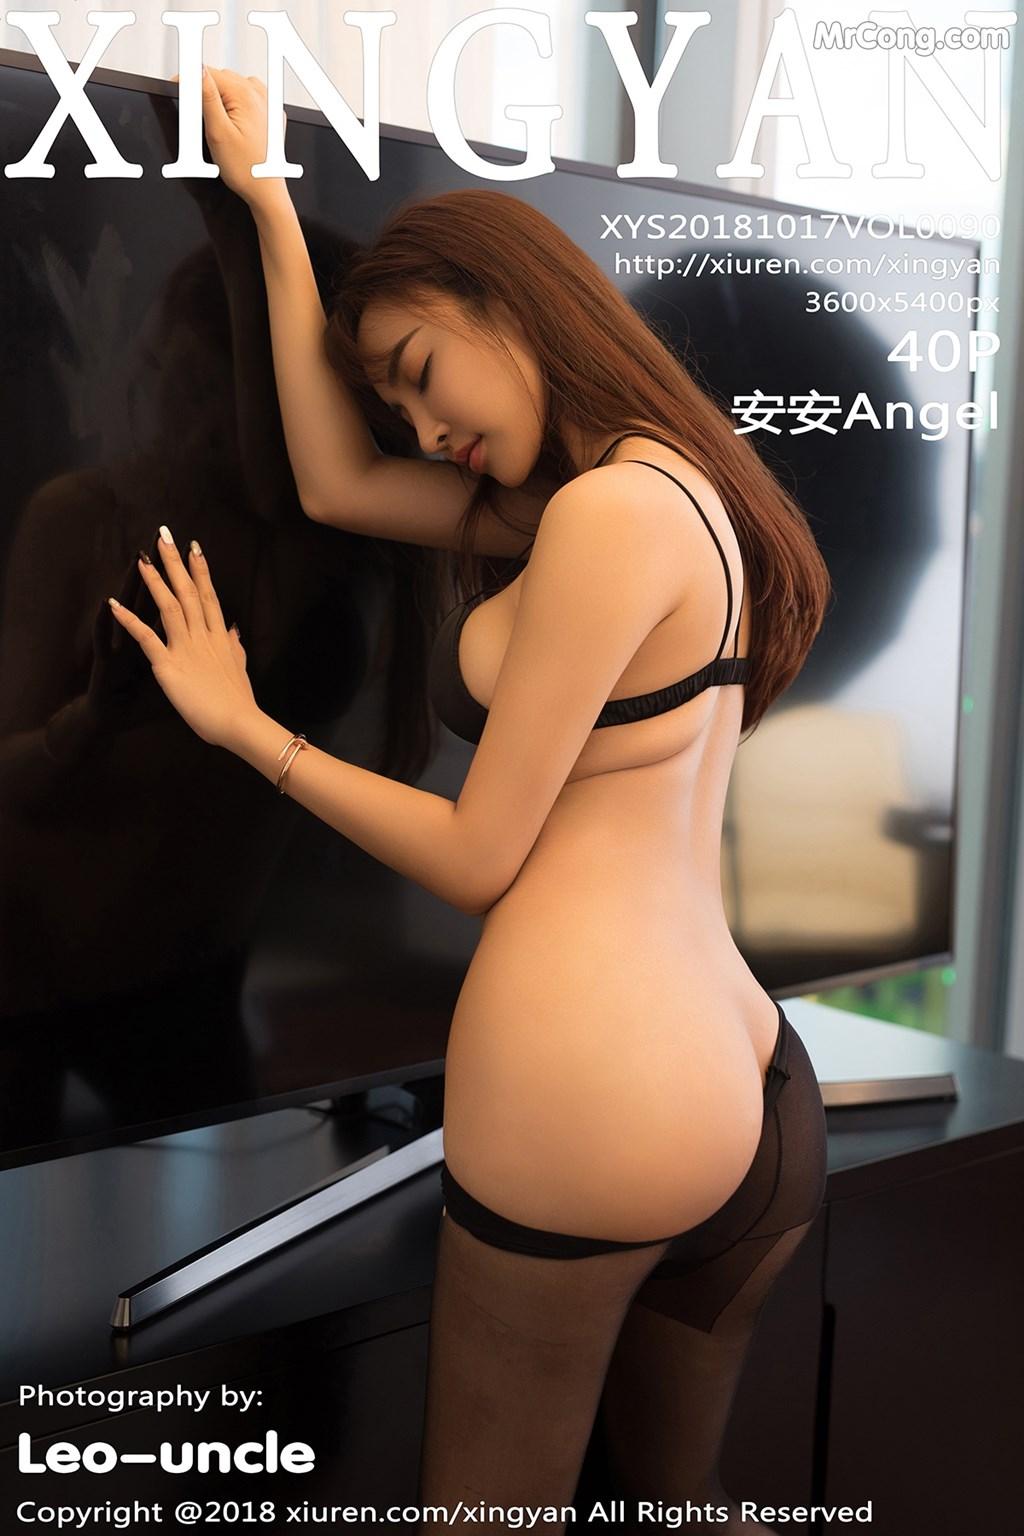 XingYan Vol.090: Người mẫu 安安Angel (41 ảnh)